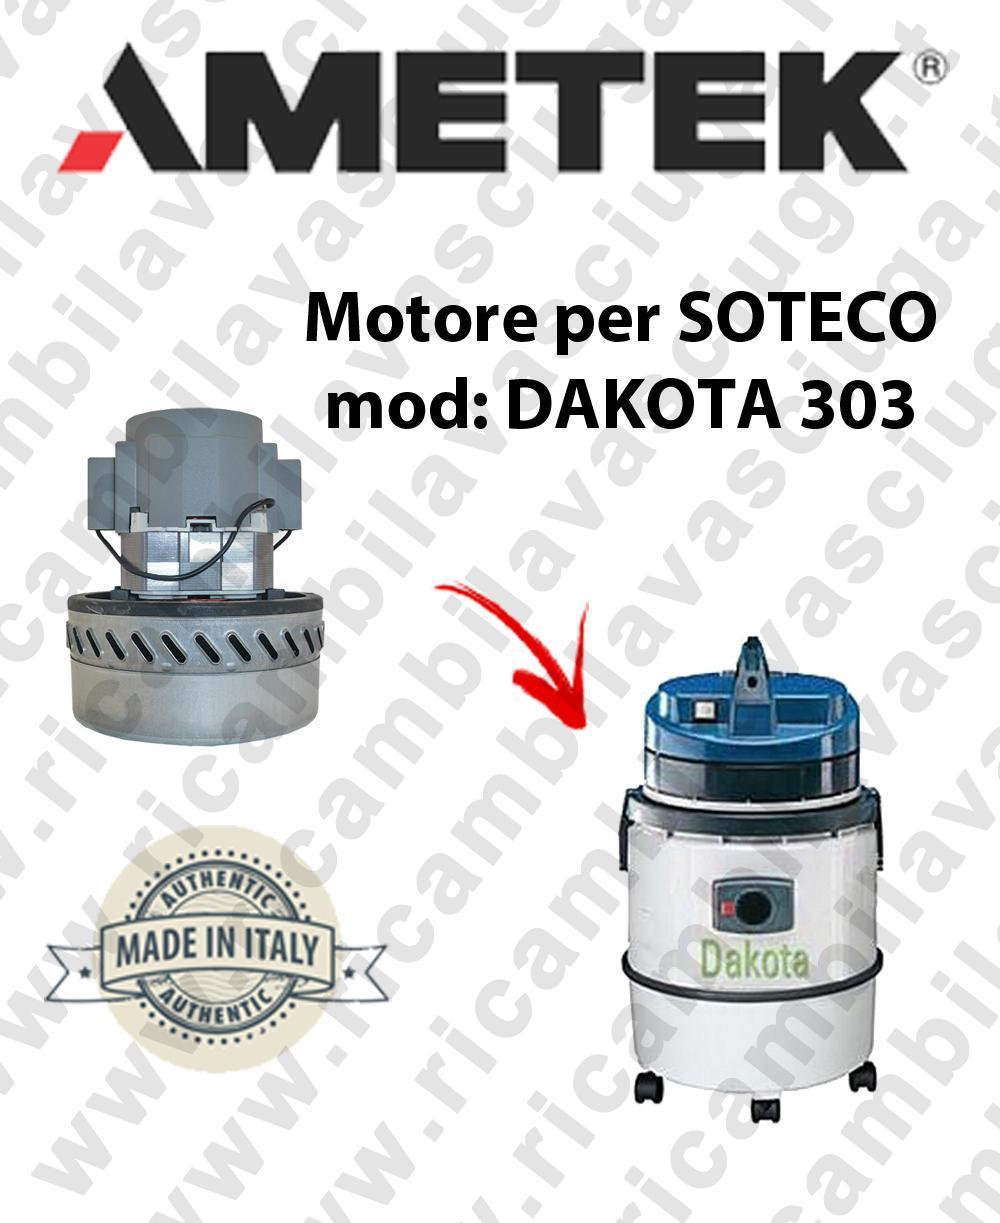 DAKOTA 303 Ametek Vacuum Motor for vacuum cleaner SOTECO